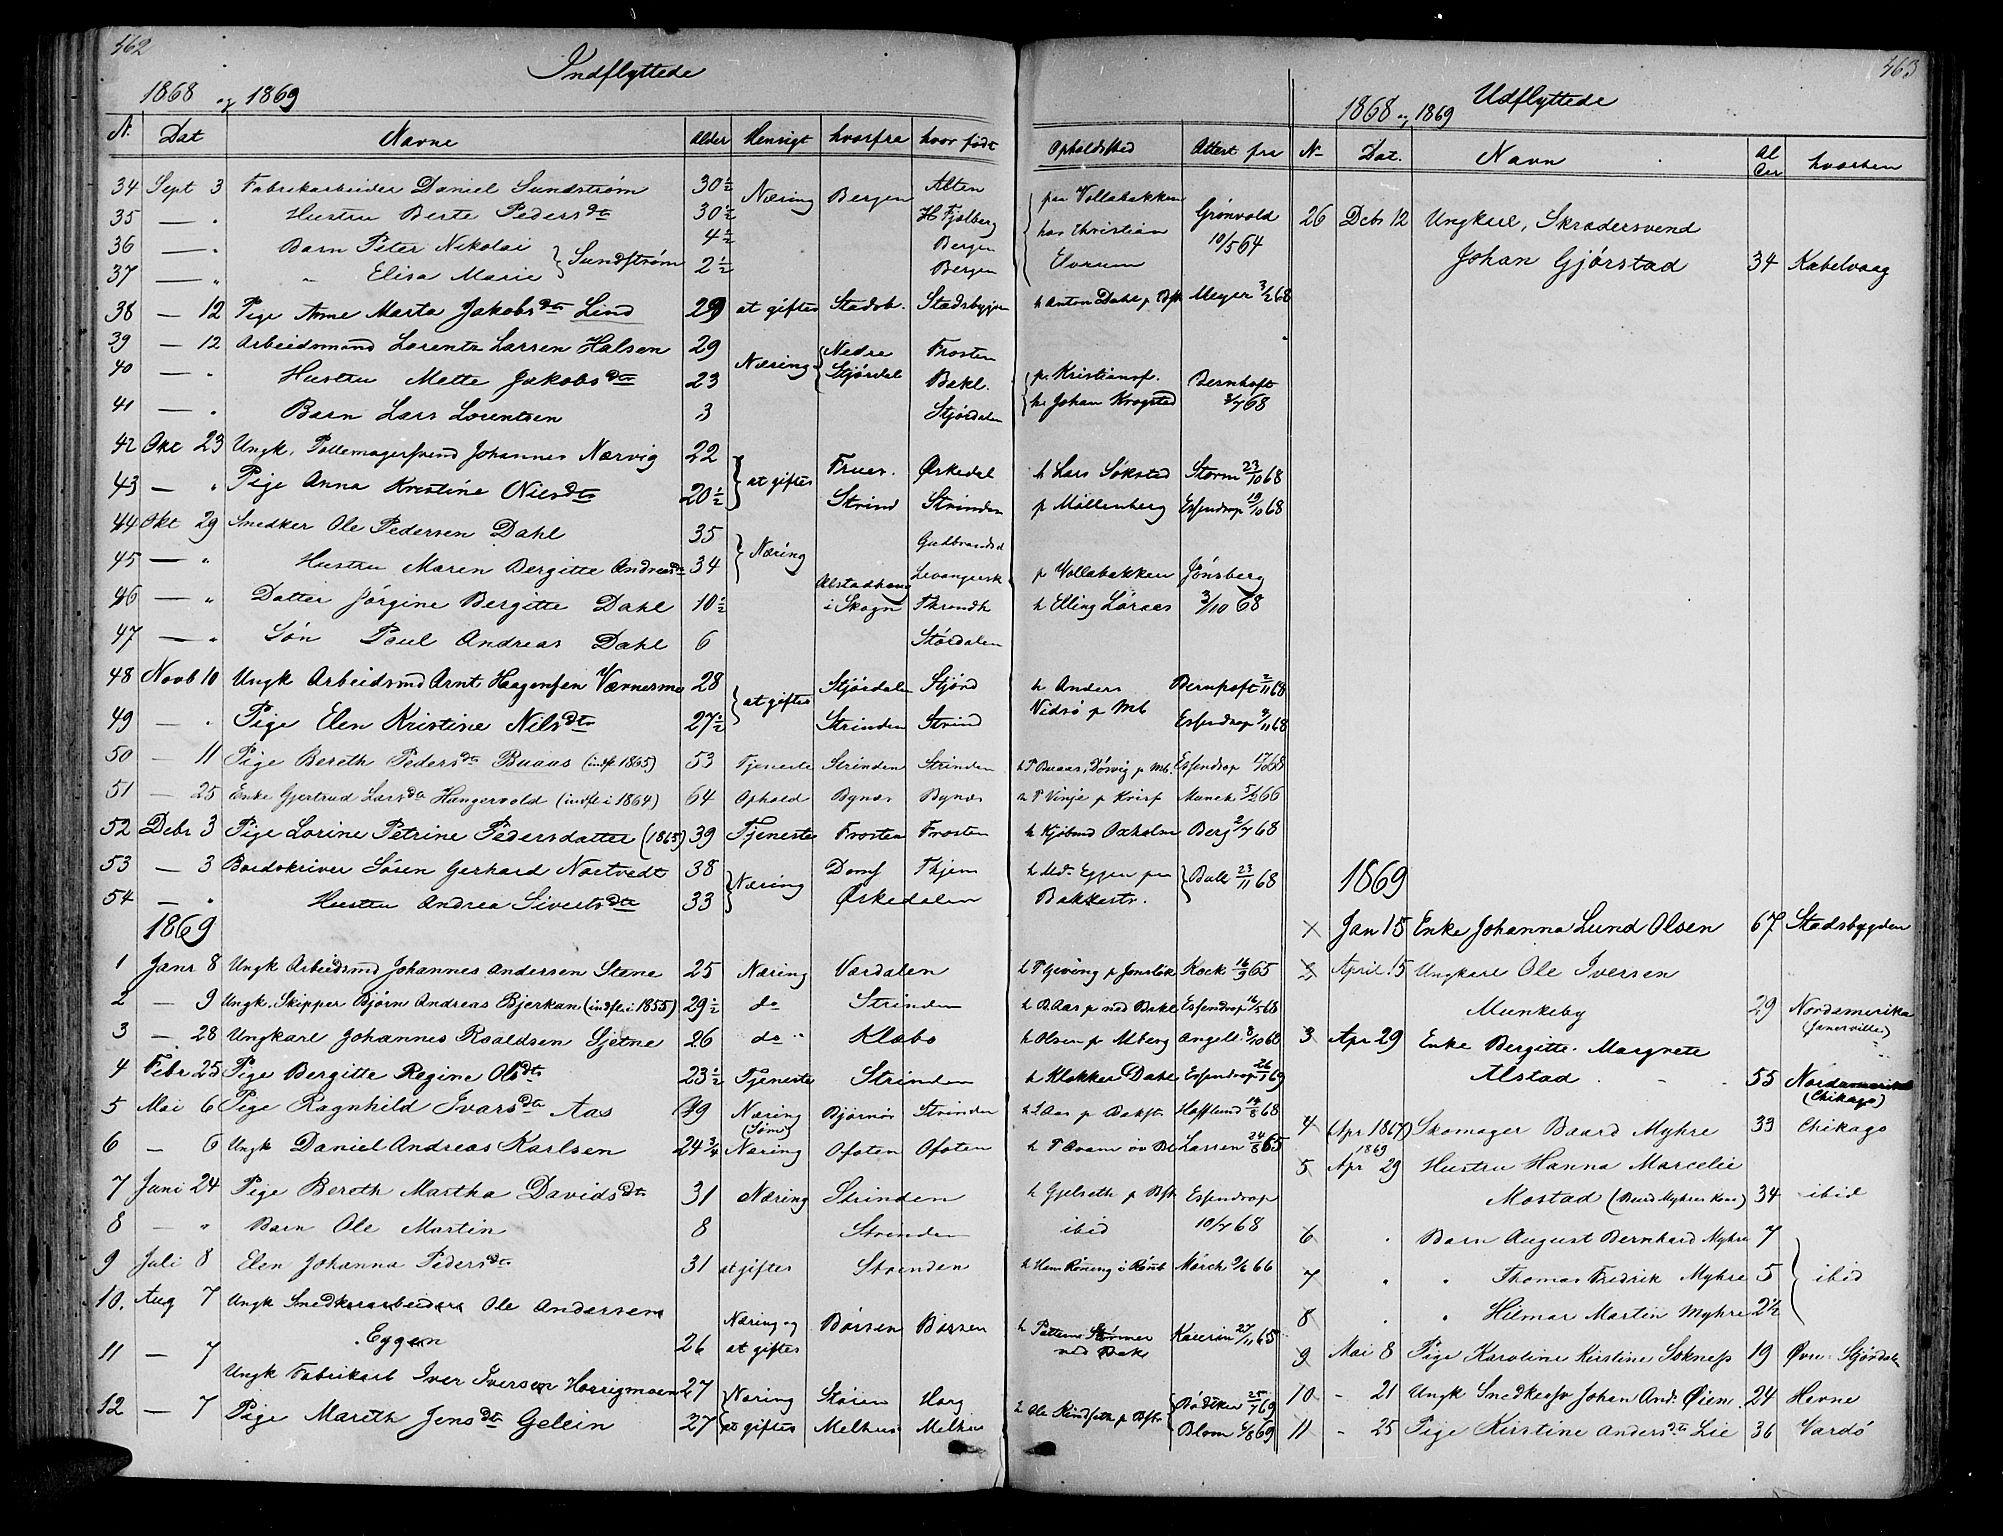 SAT, Ministerialprotokoller, klokkerbøker og fødselsregistre - Sør-Trøndelag, 604/L0219: Klokkerbok nr. 604C02, 1851-1869, s. 462-463